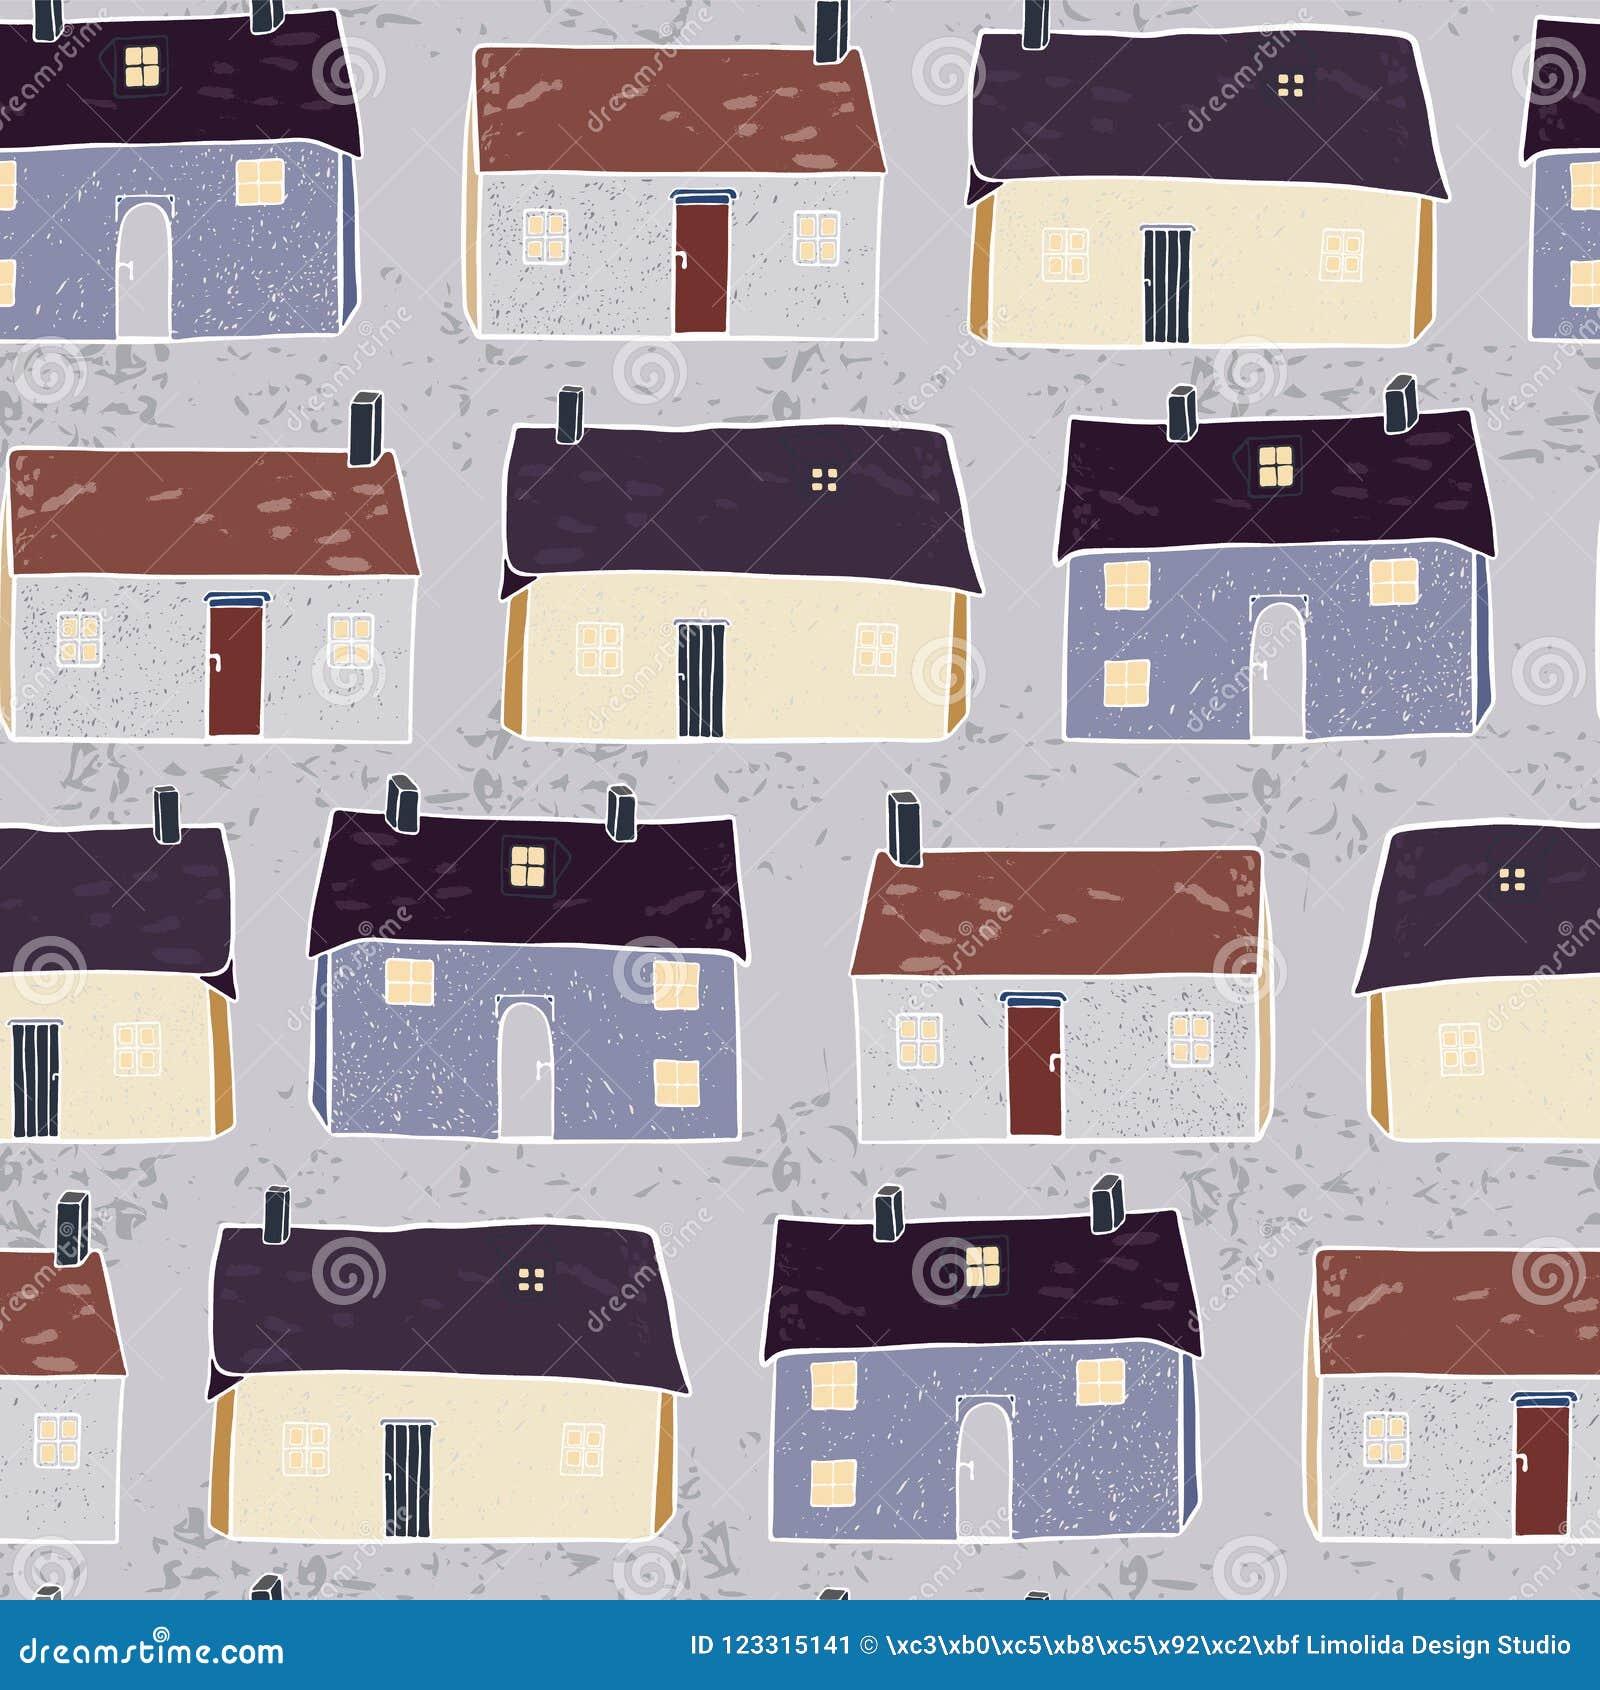 Repetición Grey Brown del modelo de Navidad del pueblo de las casas